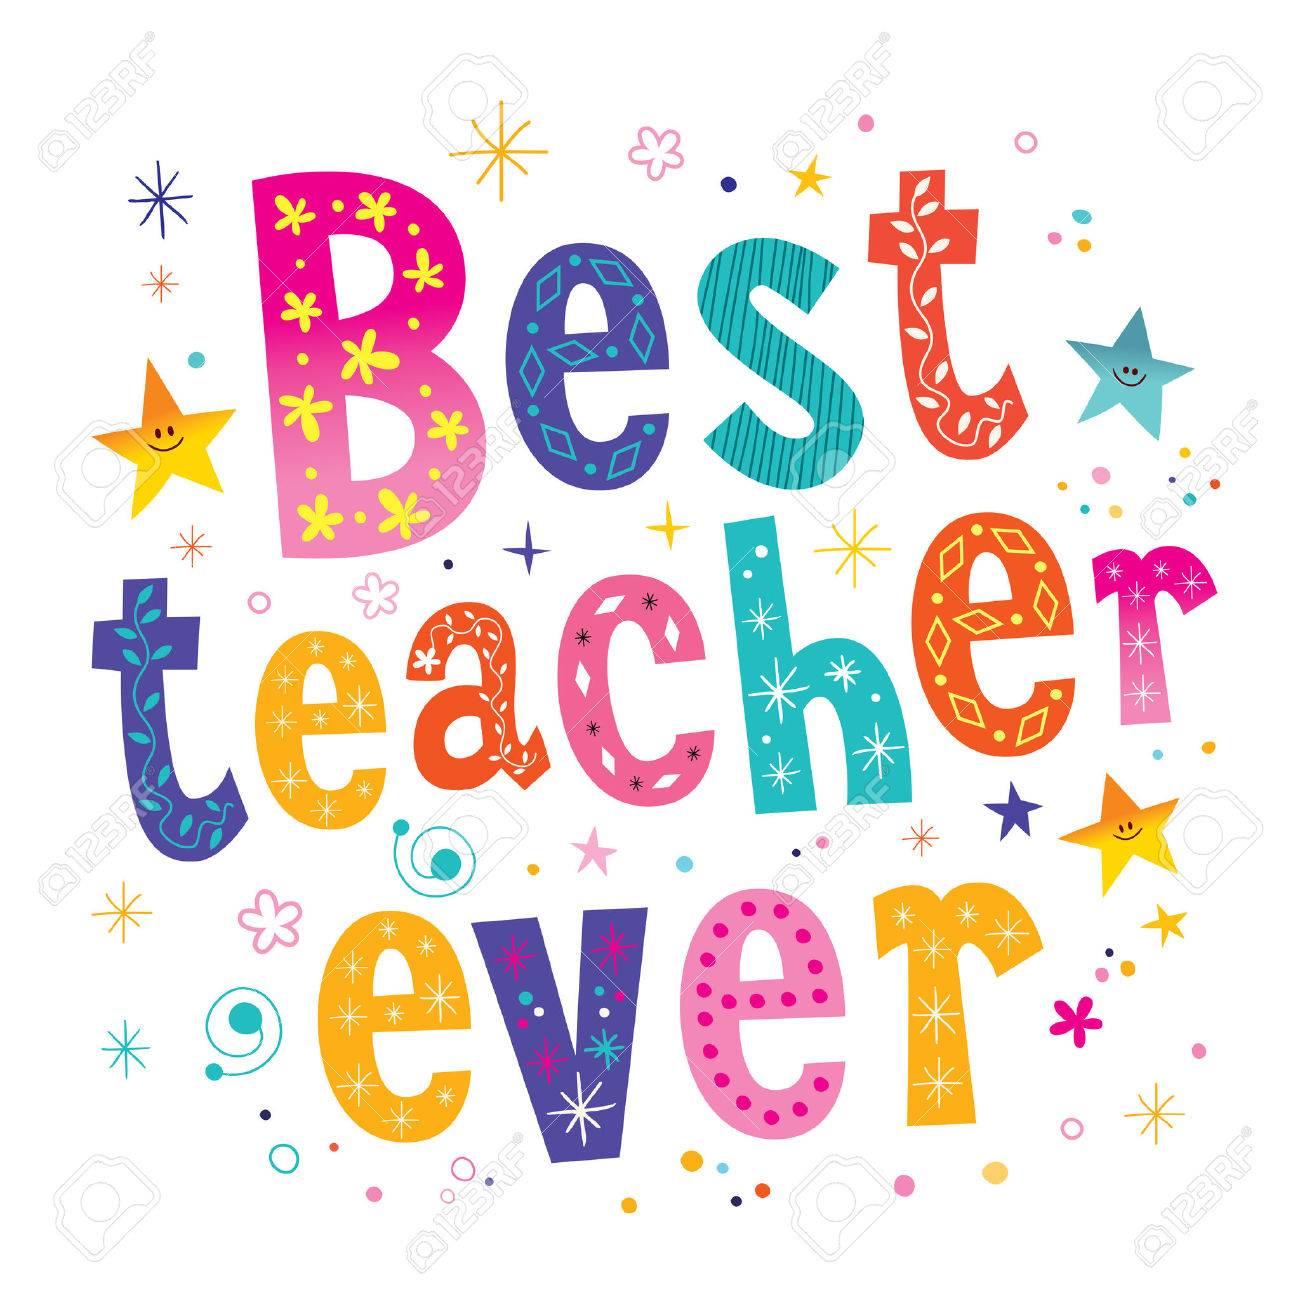 Best teacher clipart 9 » Clipart Station.